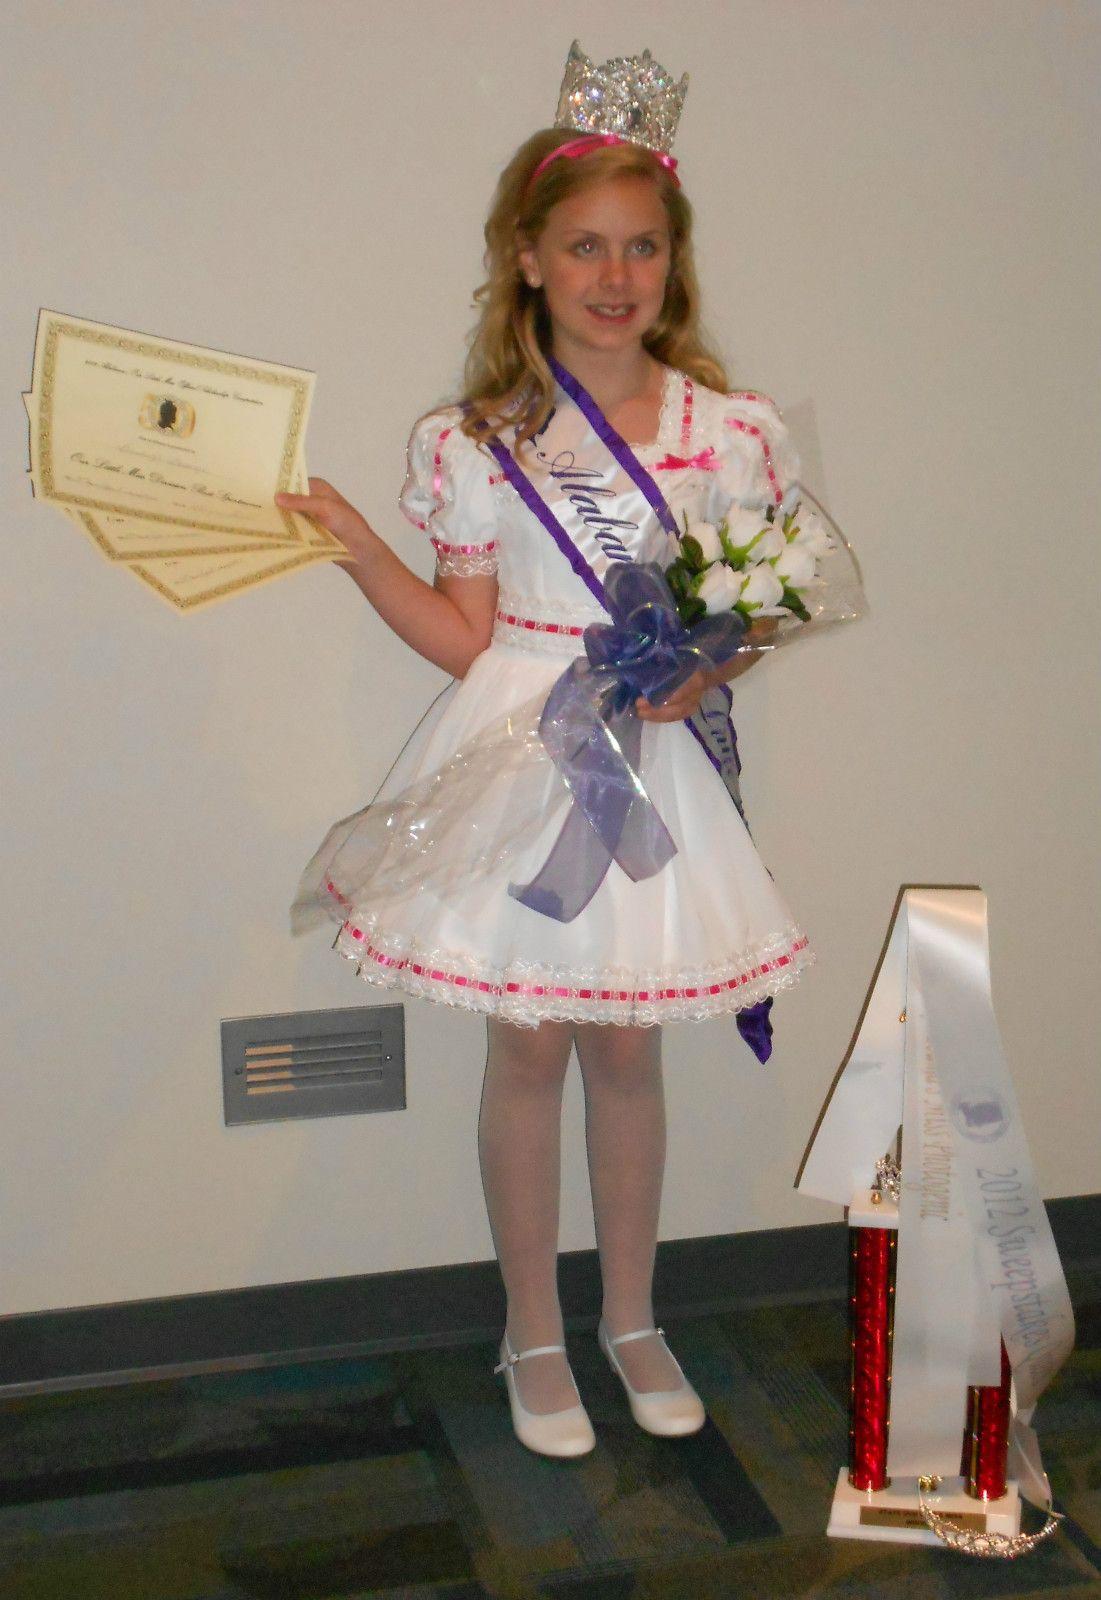 National Natural Pageant Dress Jeanne Butler 6 8 Cinderella OLM | eBay